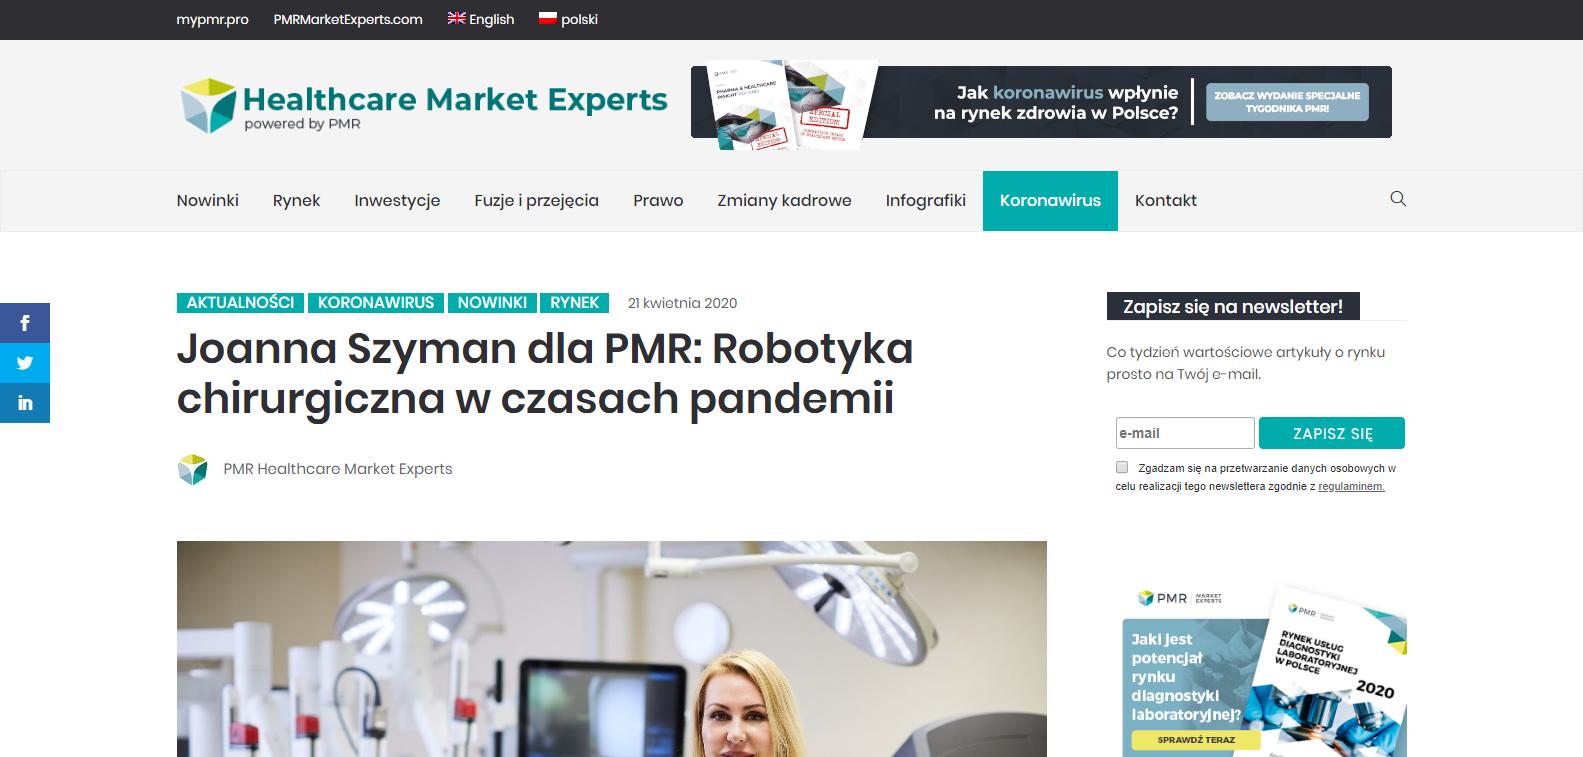 Joanna Szyman dla PMR Robotyka chirurgiczna w czasach pandemii